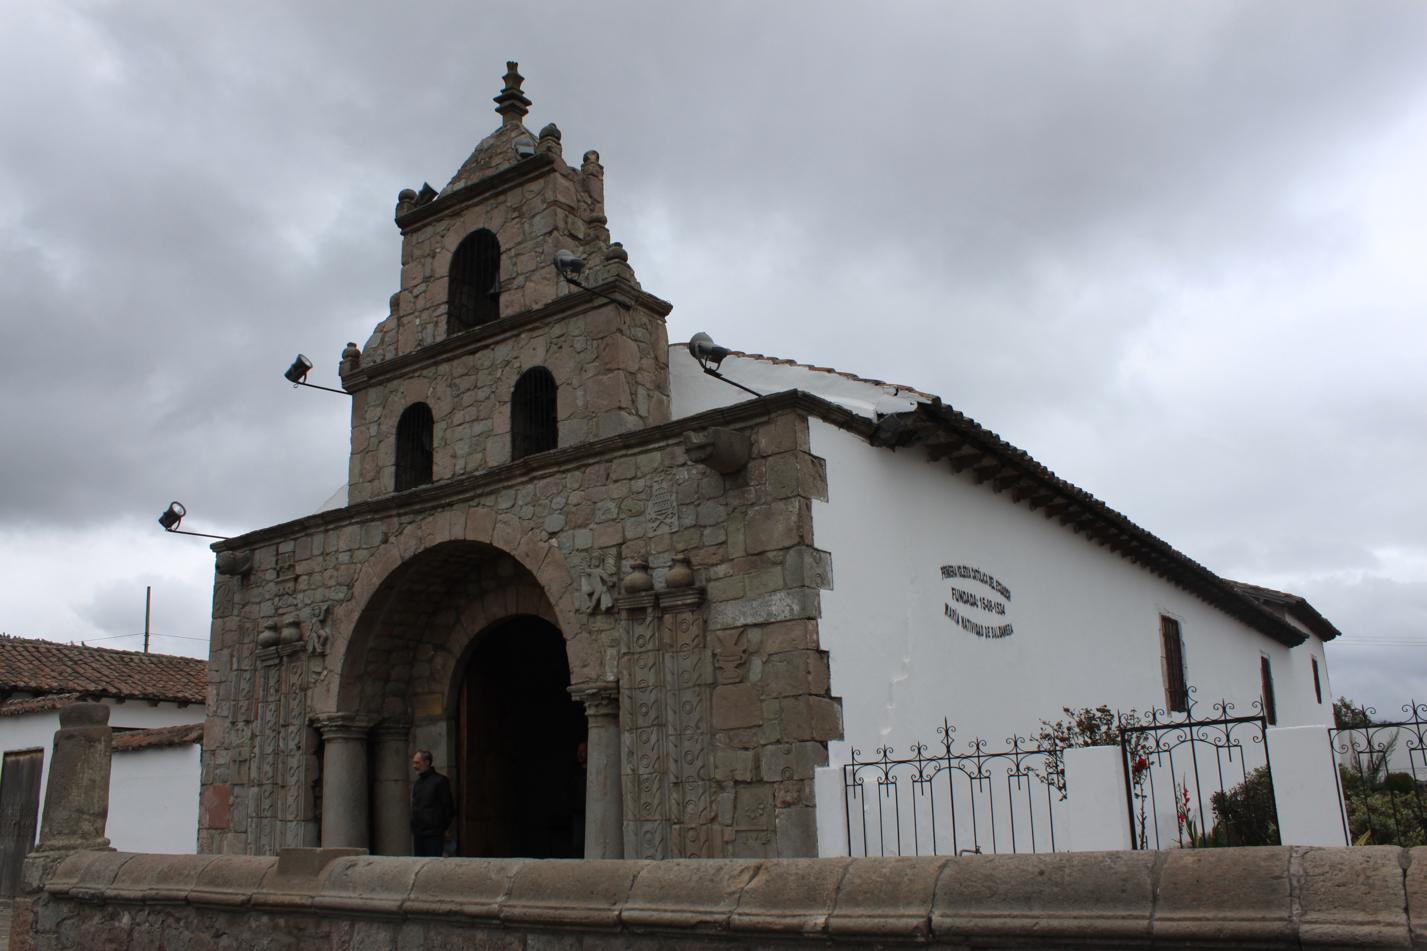 Das ist die älteste Kirche in Ecuador und wurde 1534 erbaut.